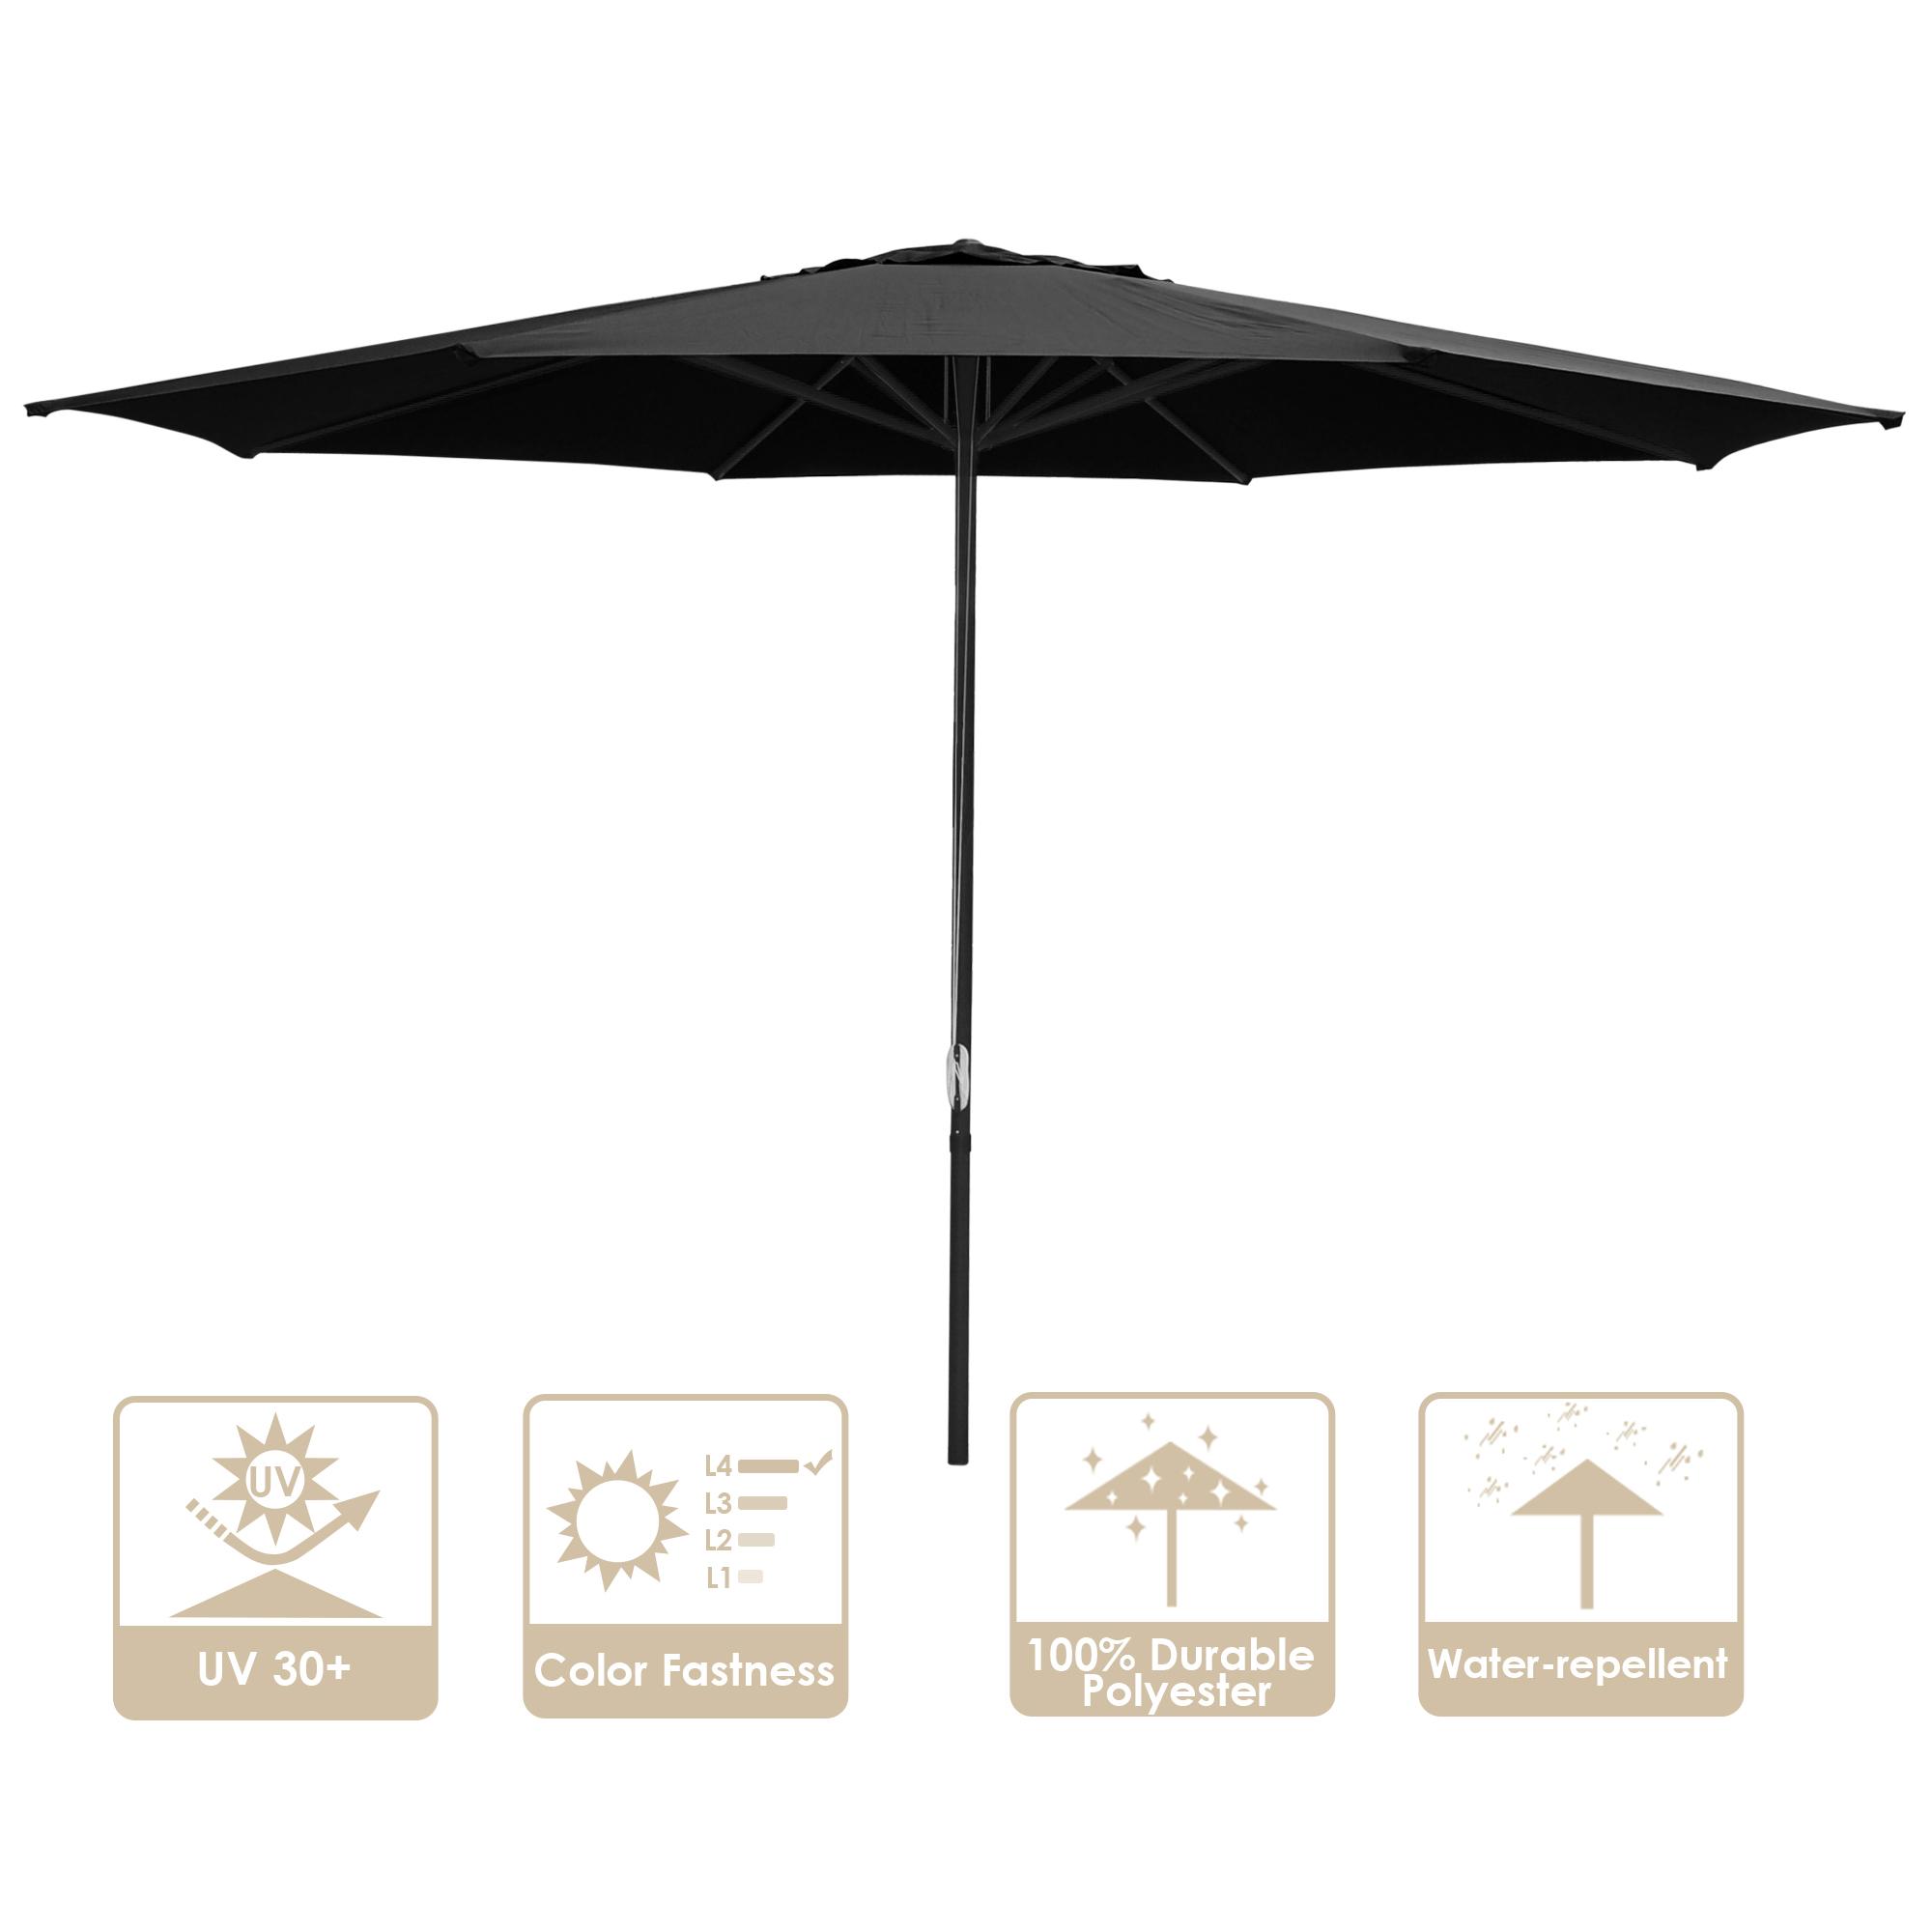 thumbnail 39 - 13' FT Sun Shade Patio Aluminum Umbrella UV30+ Outdoor Market Garden Beach Deck